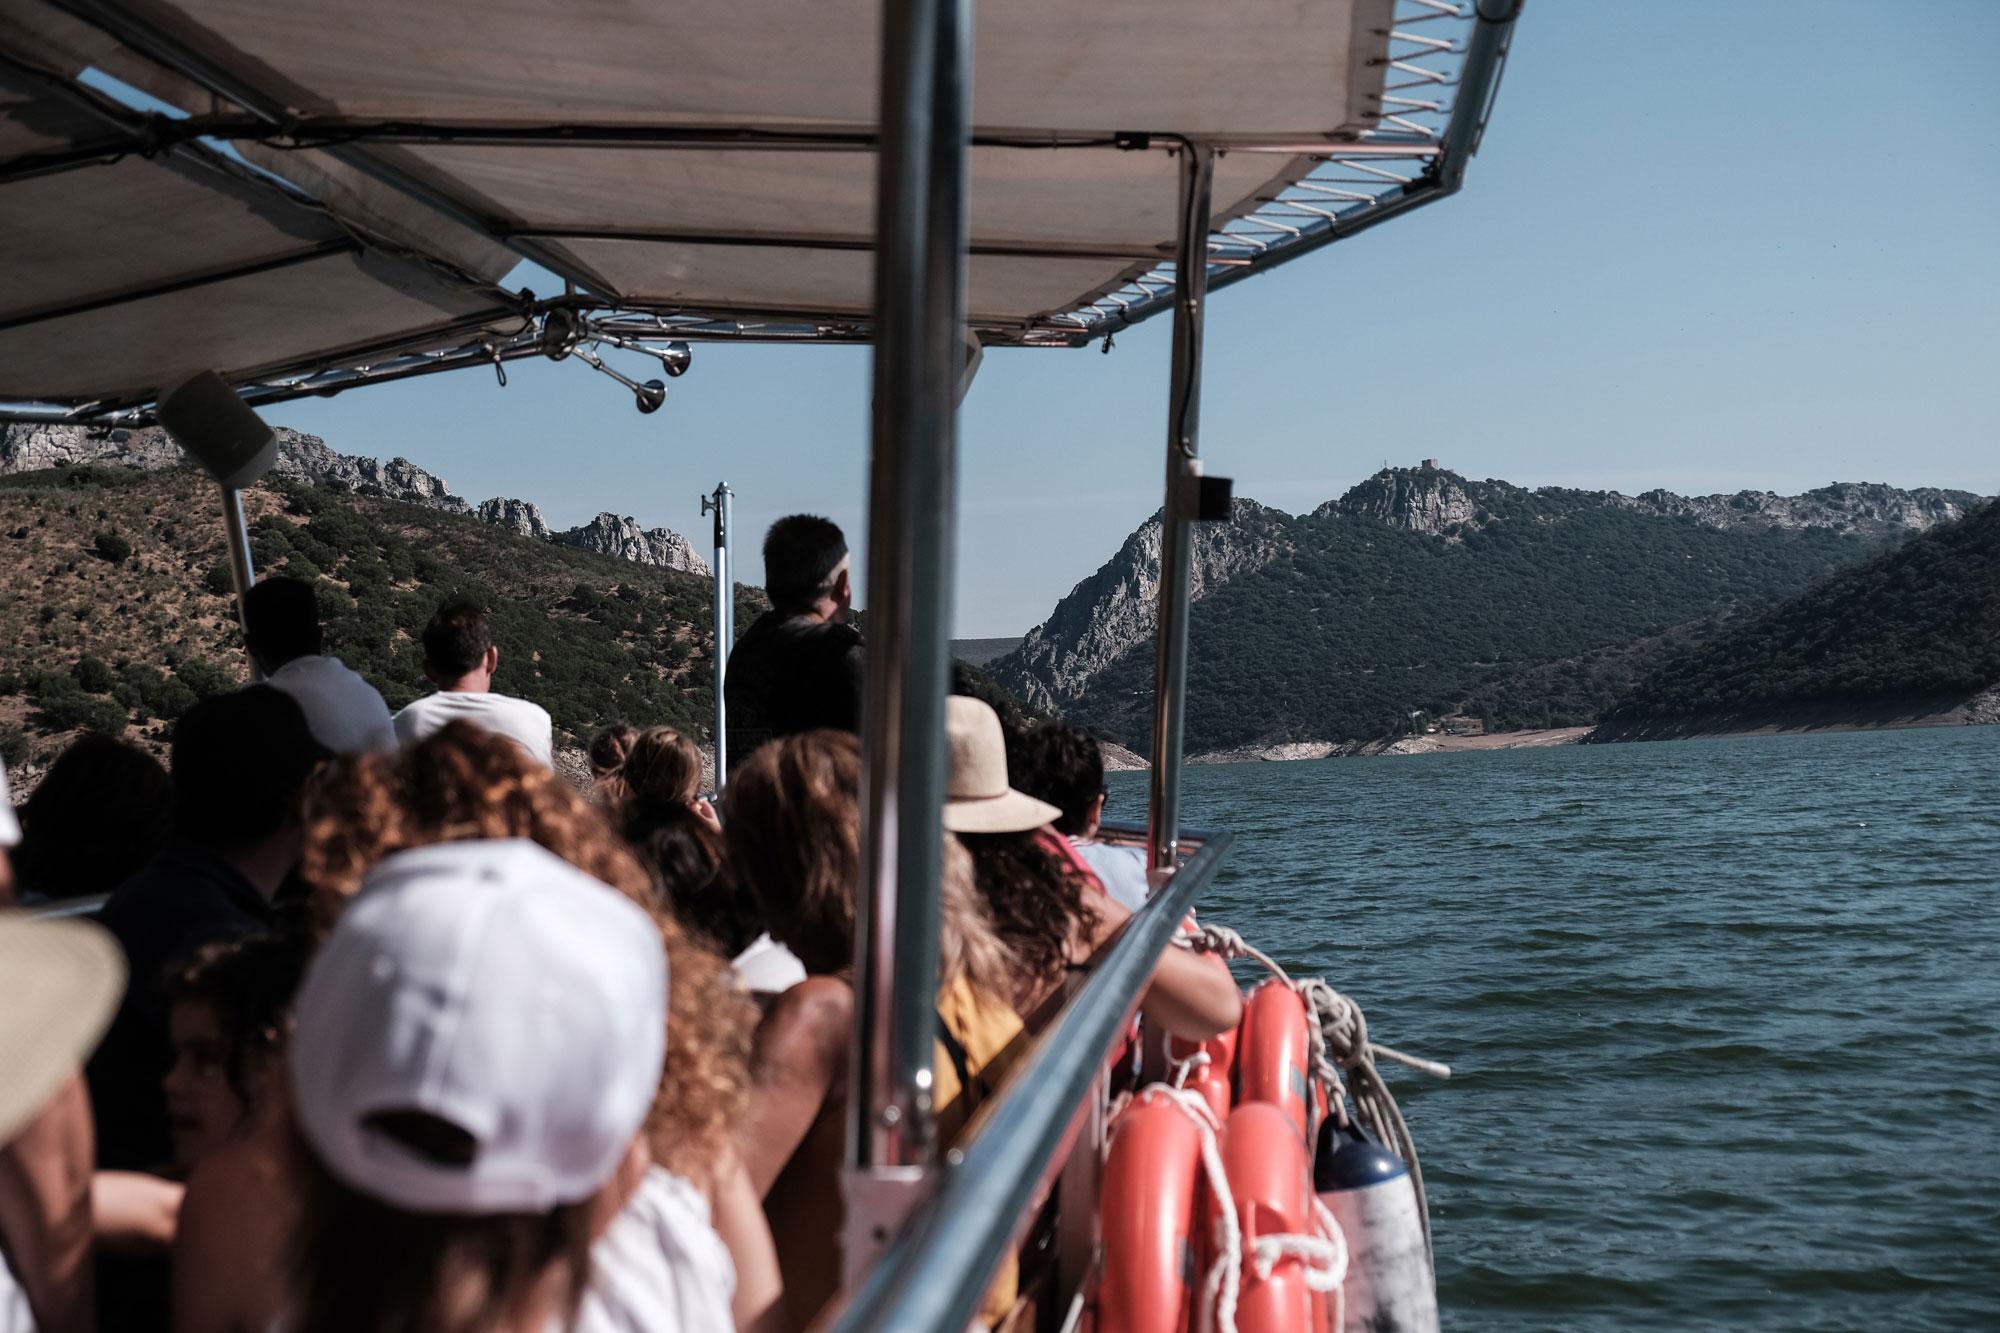 Desde la embarcación se ve el famoso castillo del parque nacional.